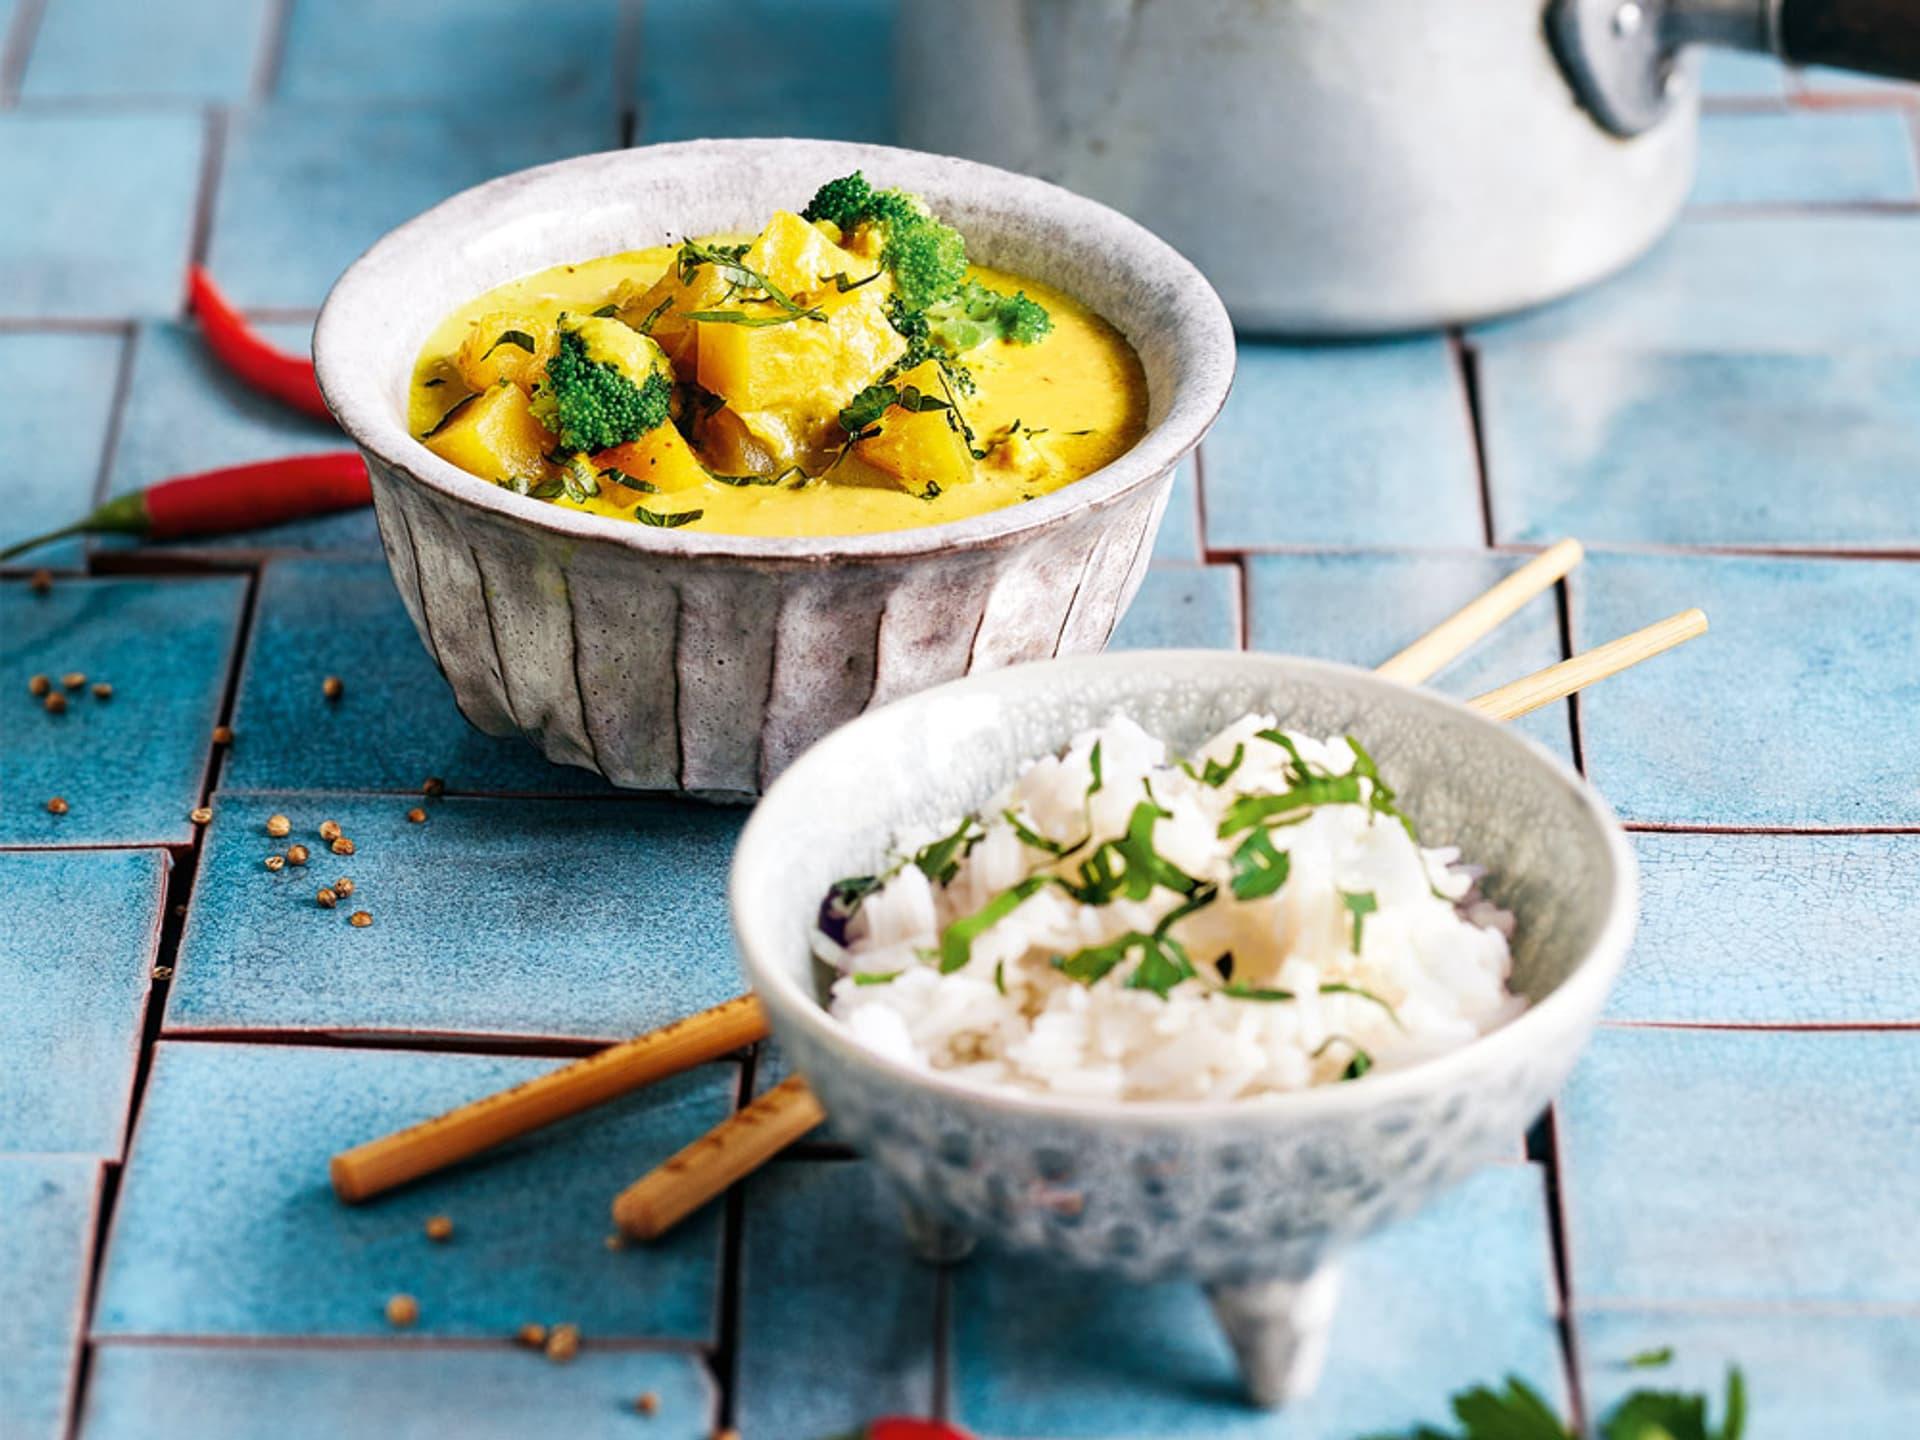 Zwei weiße kleine Schüsseln. Eine voller weißem Reis, eine voller gelbem stückigem Curry.